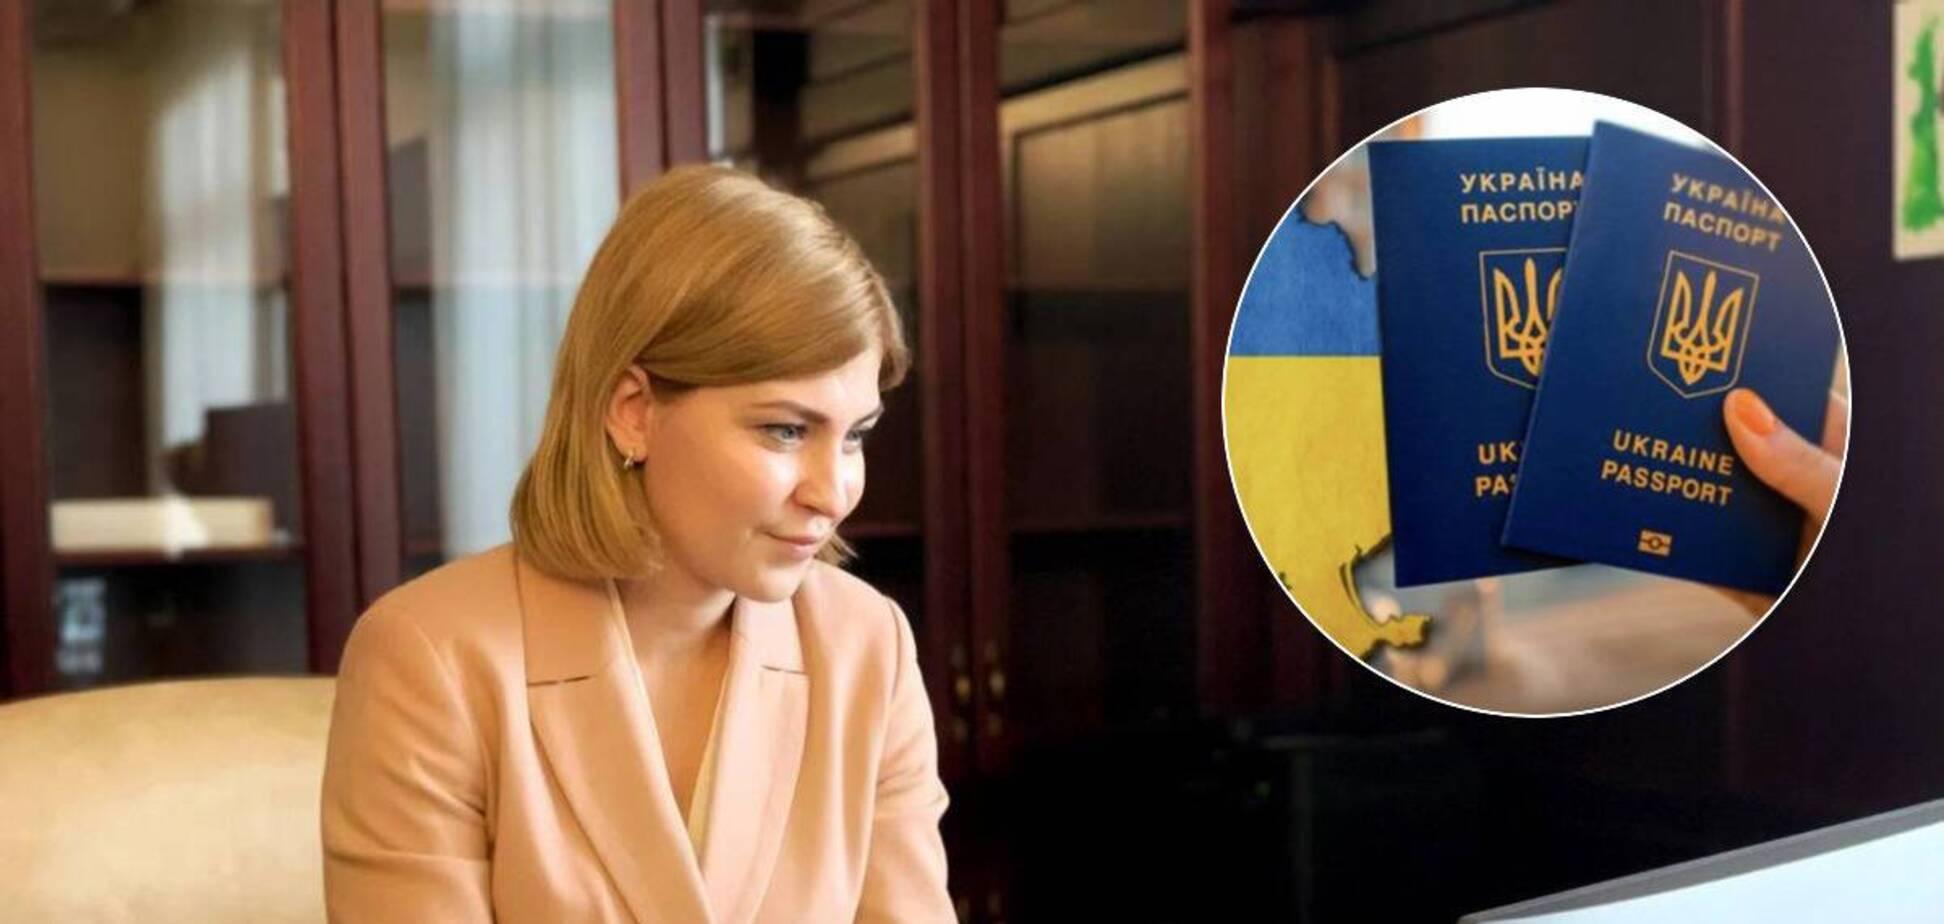 Стефанішина розповіла про поїздки в ЄС з України